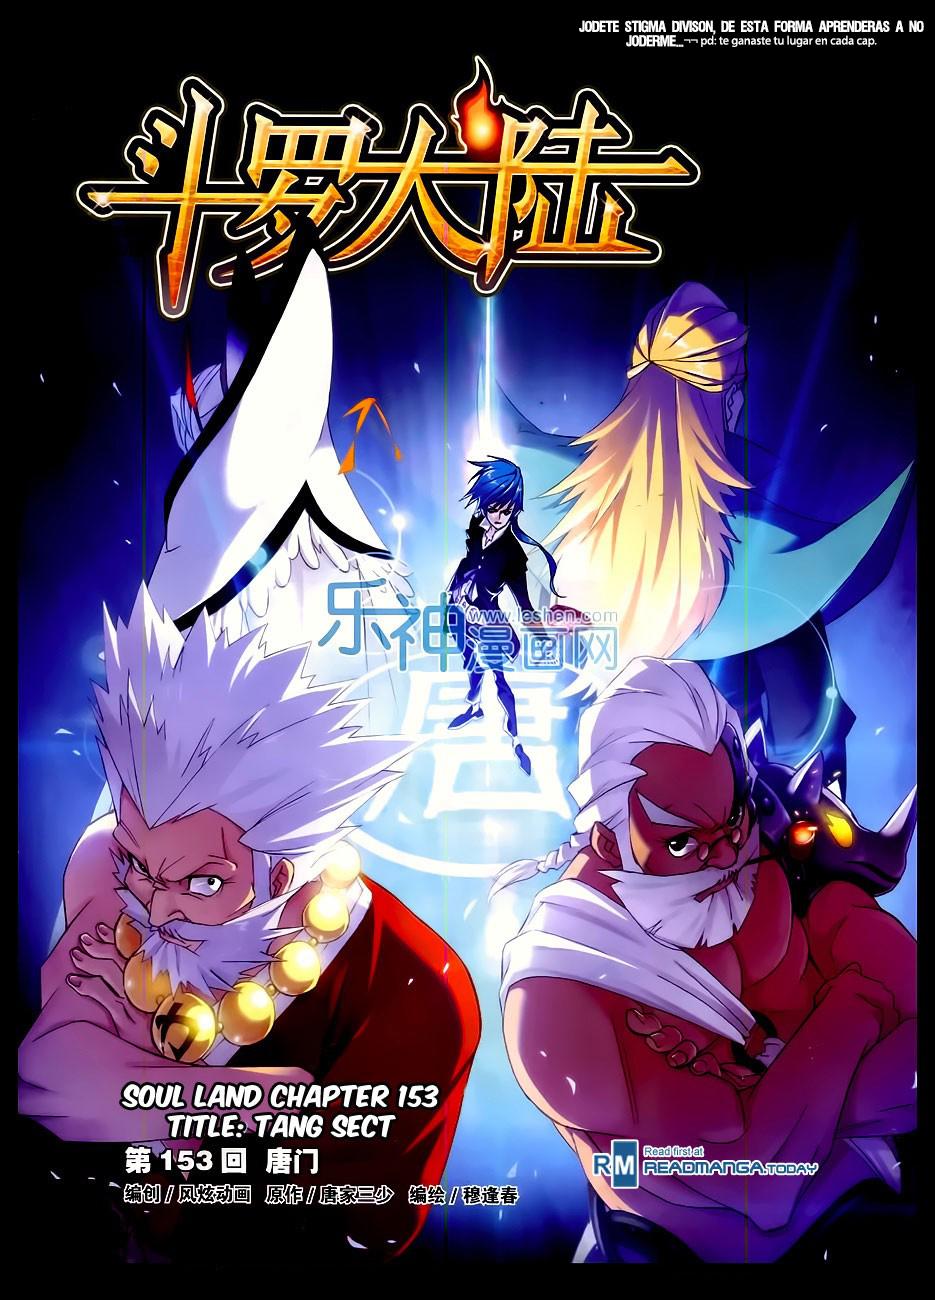 https://c5.mangatag.com/es_manga/18/16210/438275/581e8e6b0f12b94f9febbf517b249bbf.jpg Page 3